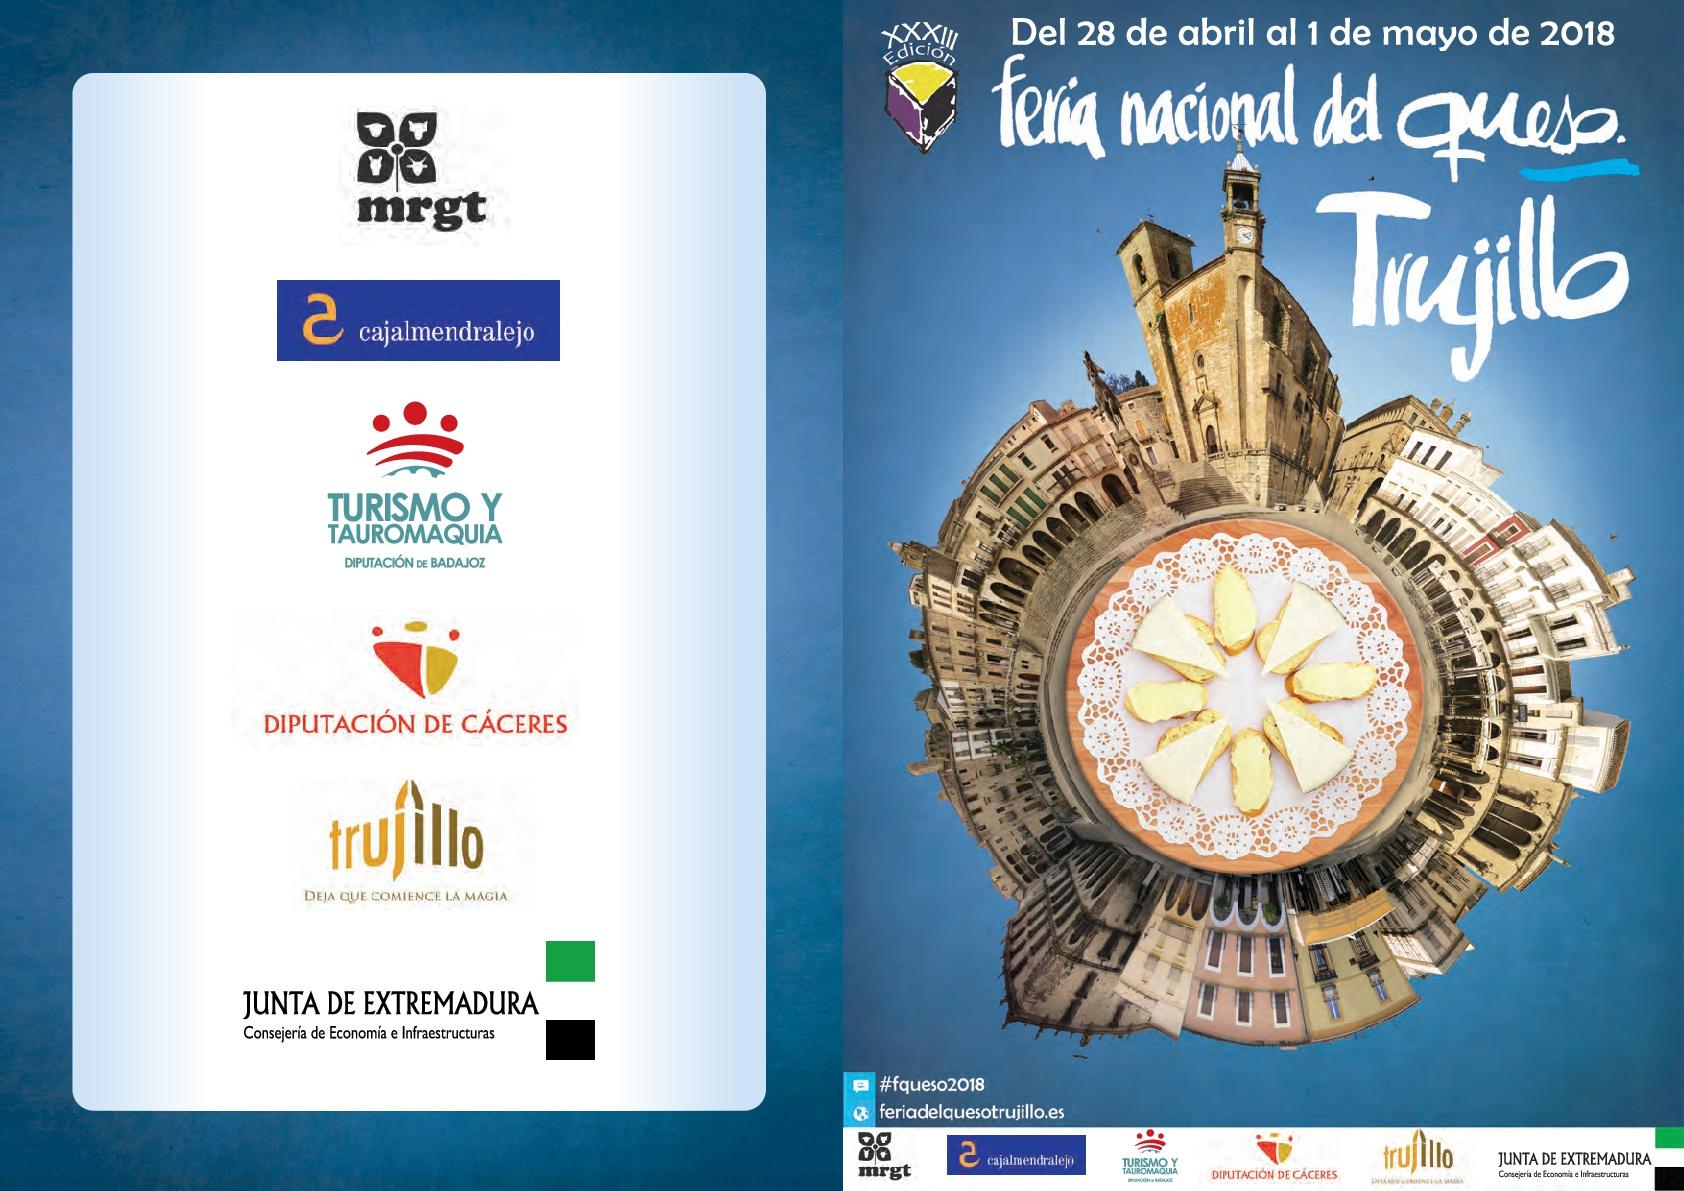 XXXIII Feria nacional del queso - Trujillo 1